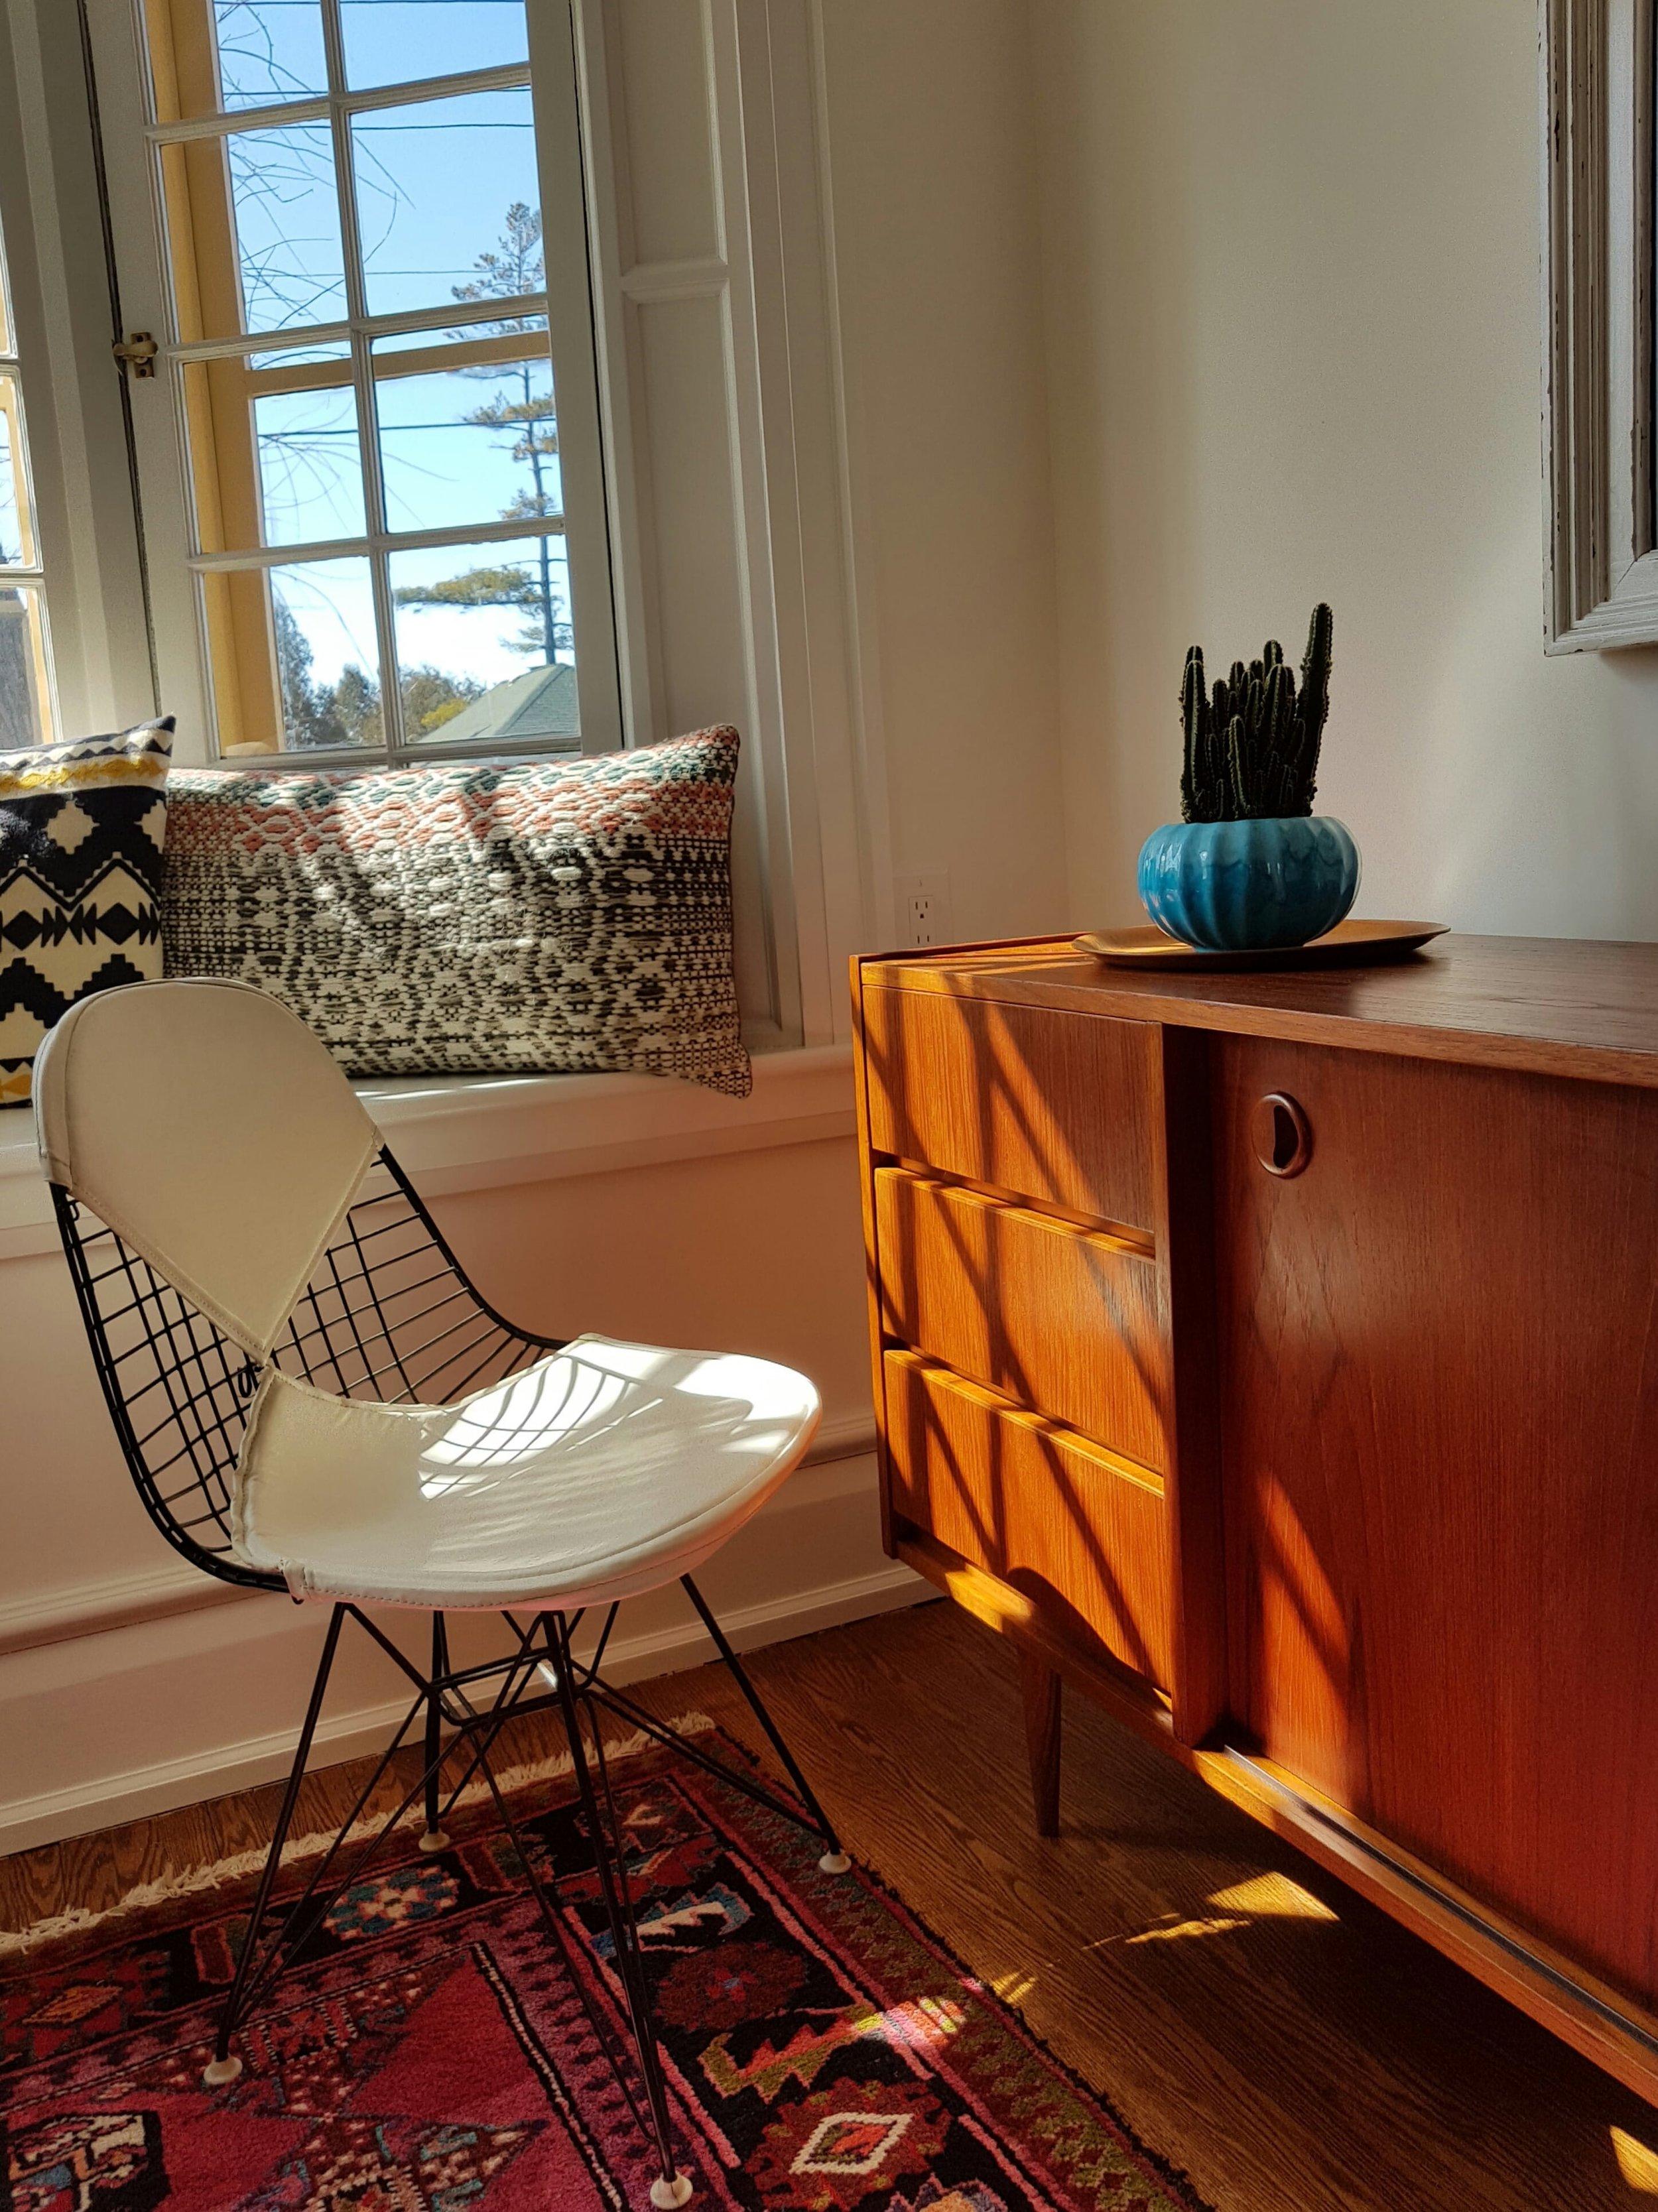 Furniture 1950 Mid Century Modern Teak credenza Herman Miller Eiffel Tower dining chair white.jpg